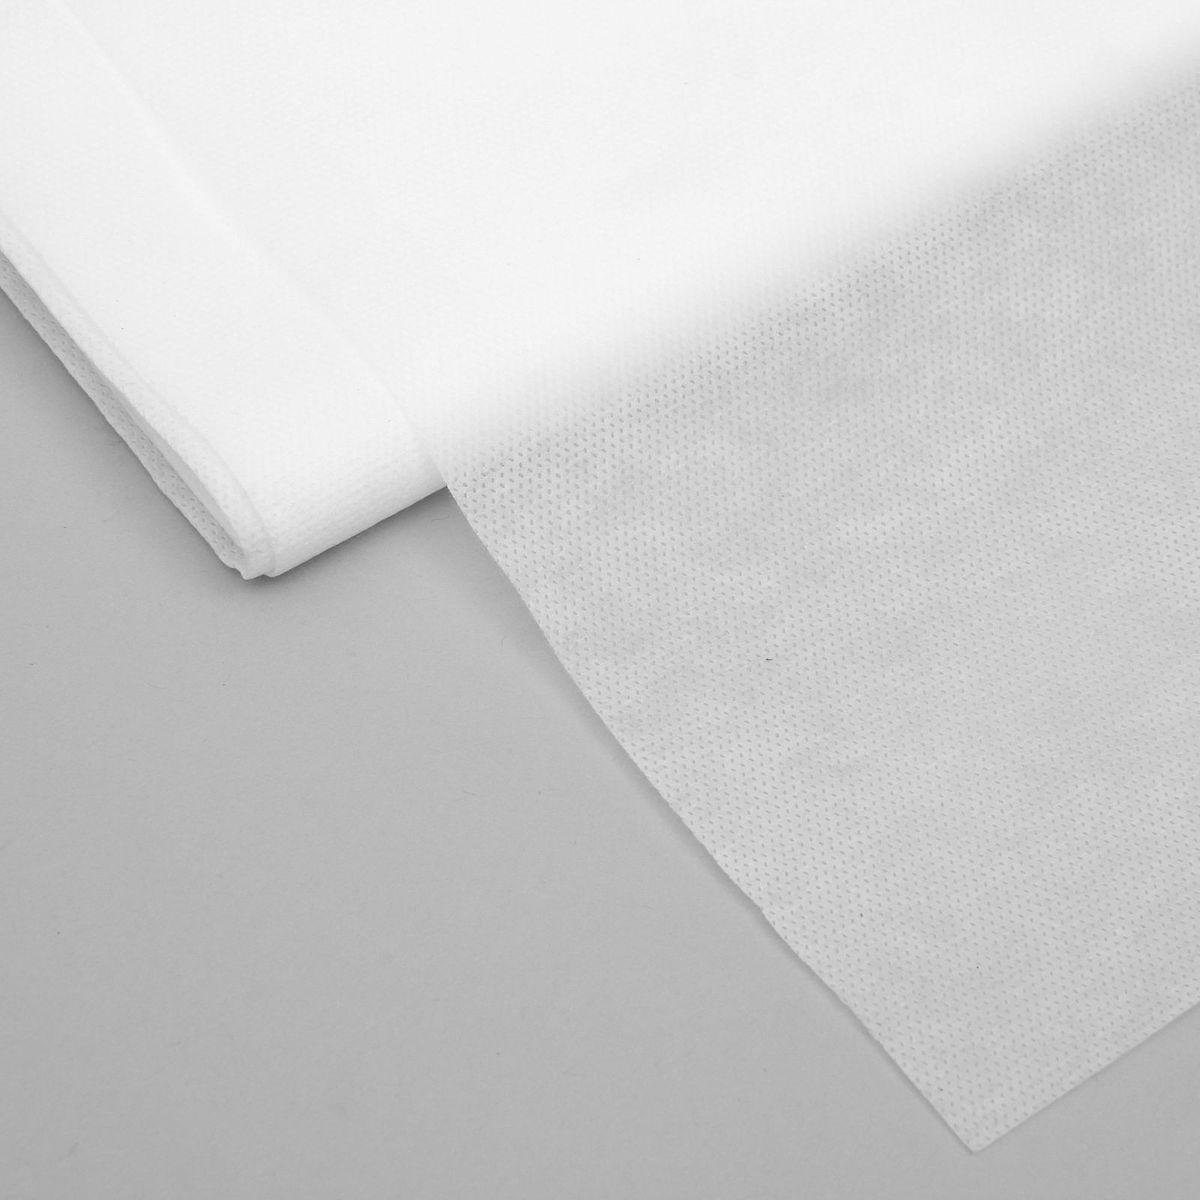 Чехол для парника, 4 секций, 6 х 2,1 м1933260Чехол предназначен для изготовления парника своими руками или для замены материала готового изделия. Цельная ткань плотностью 45 г,м? не имеет стыков и соединений. Она разделена на 4 секции простроченными каналами для дуг диаметром 2 см. Чтобы смастерить парник своими руками, вам понадобятся также клипсы и крестообразные ножки.